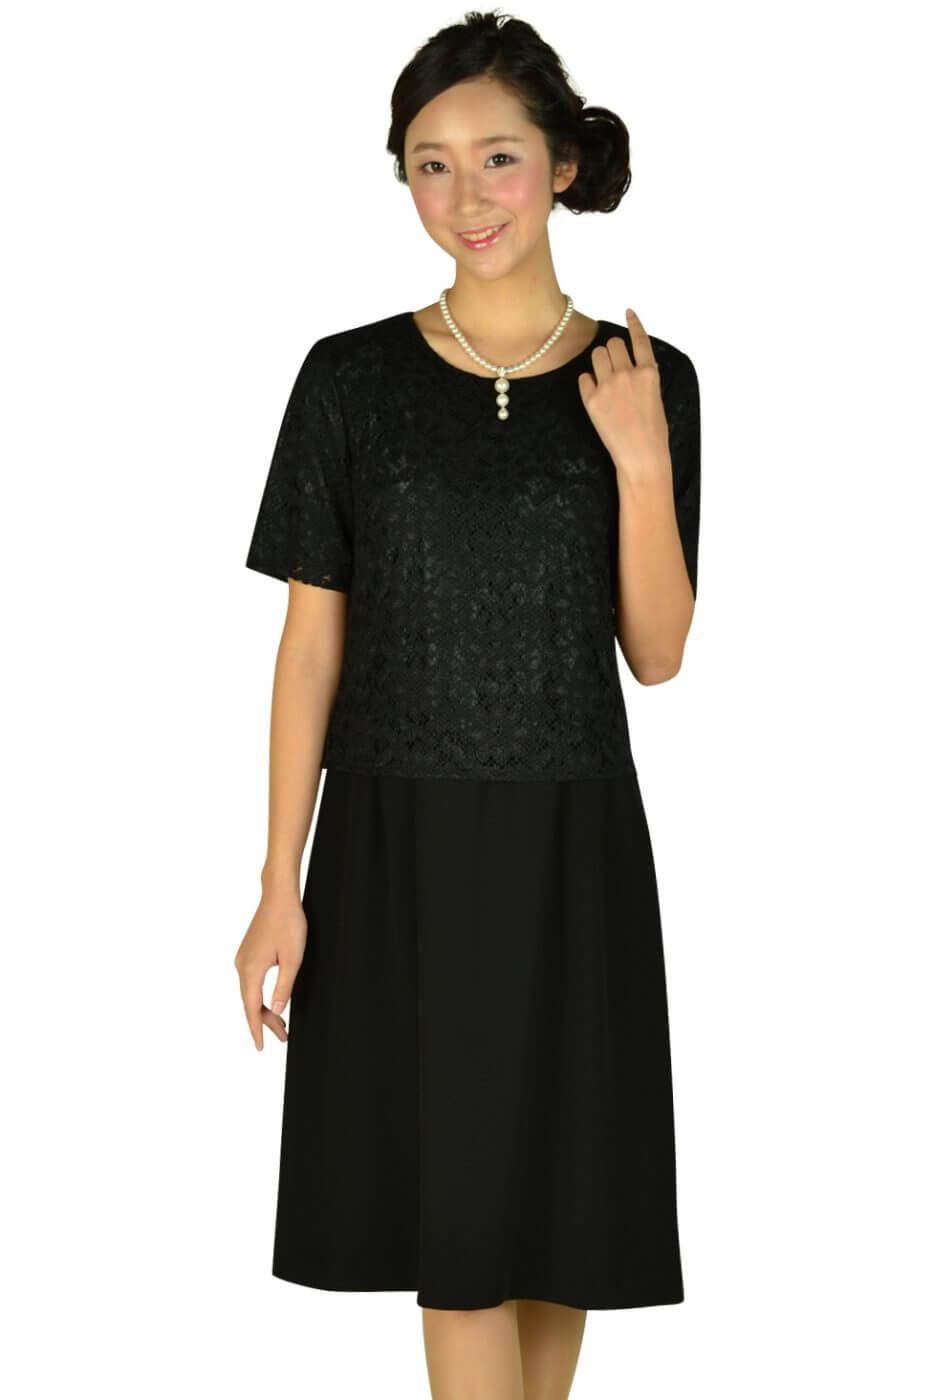 エッシュ(esche)レーストップス上品ブラックドレス